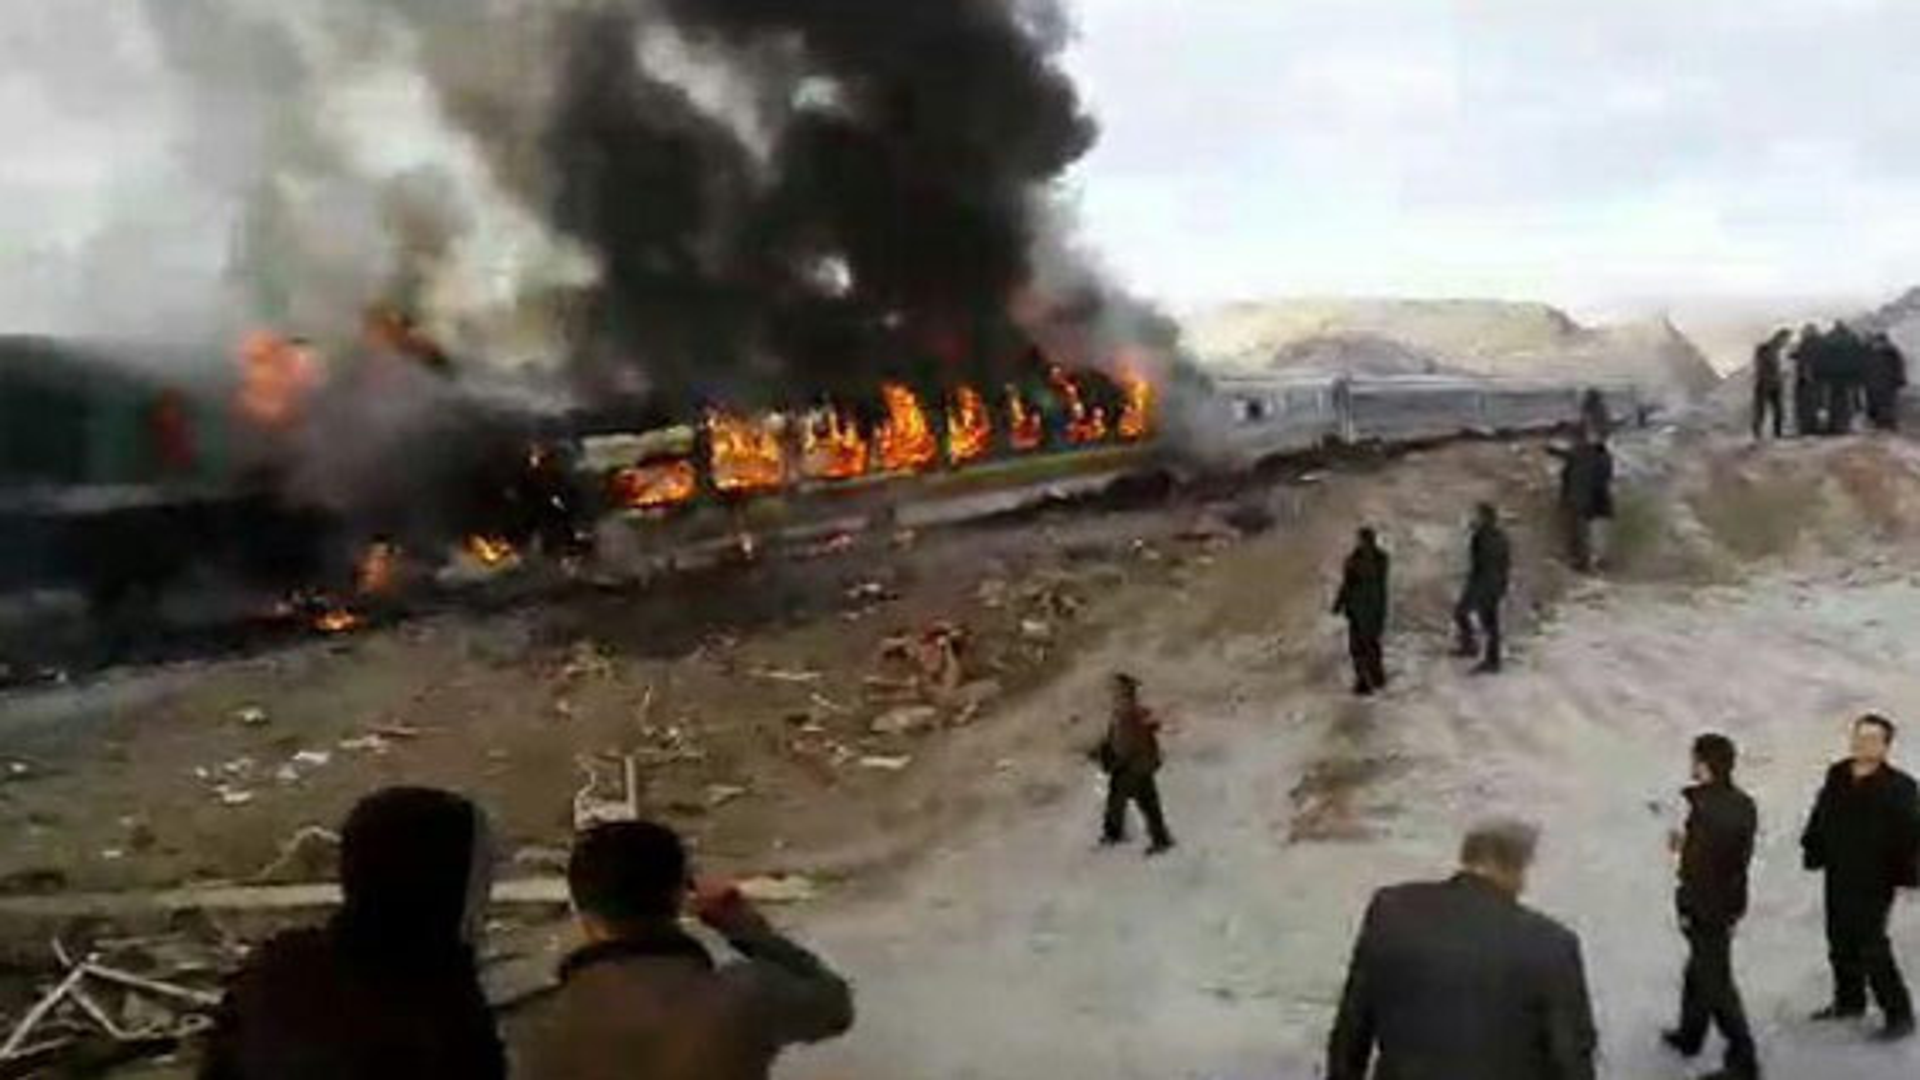 فیلم جدید ازسانحه برخورد قطار در سمنان با ٣٦ کشته و ٨٠ مصدوم؛ اسامی مجروحان حادثه